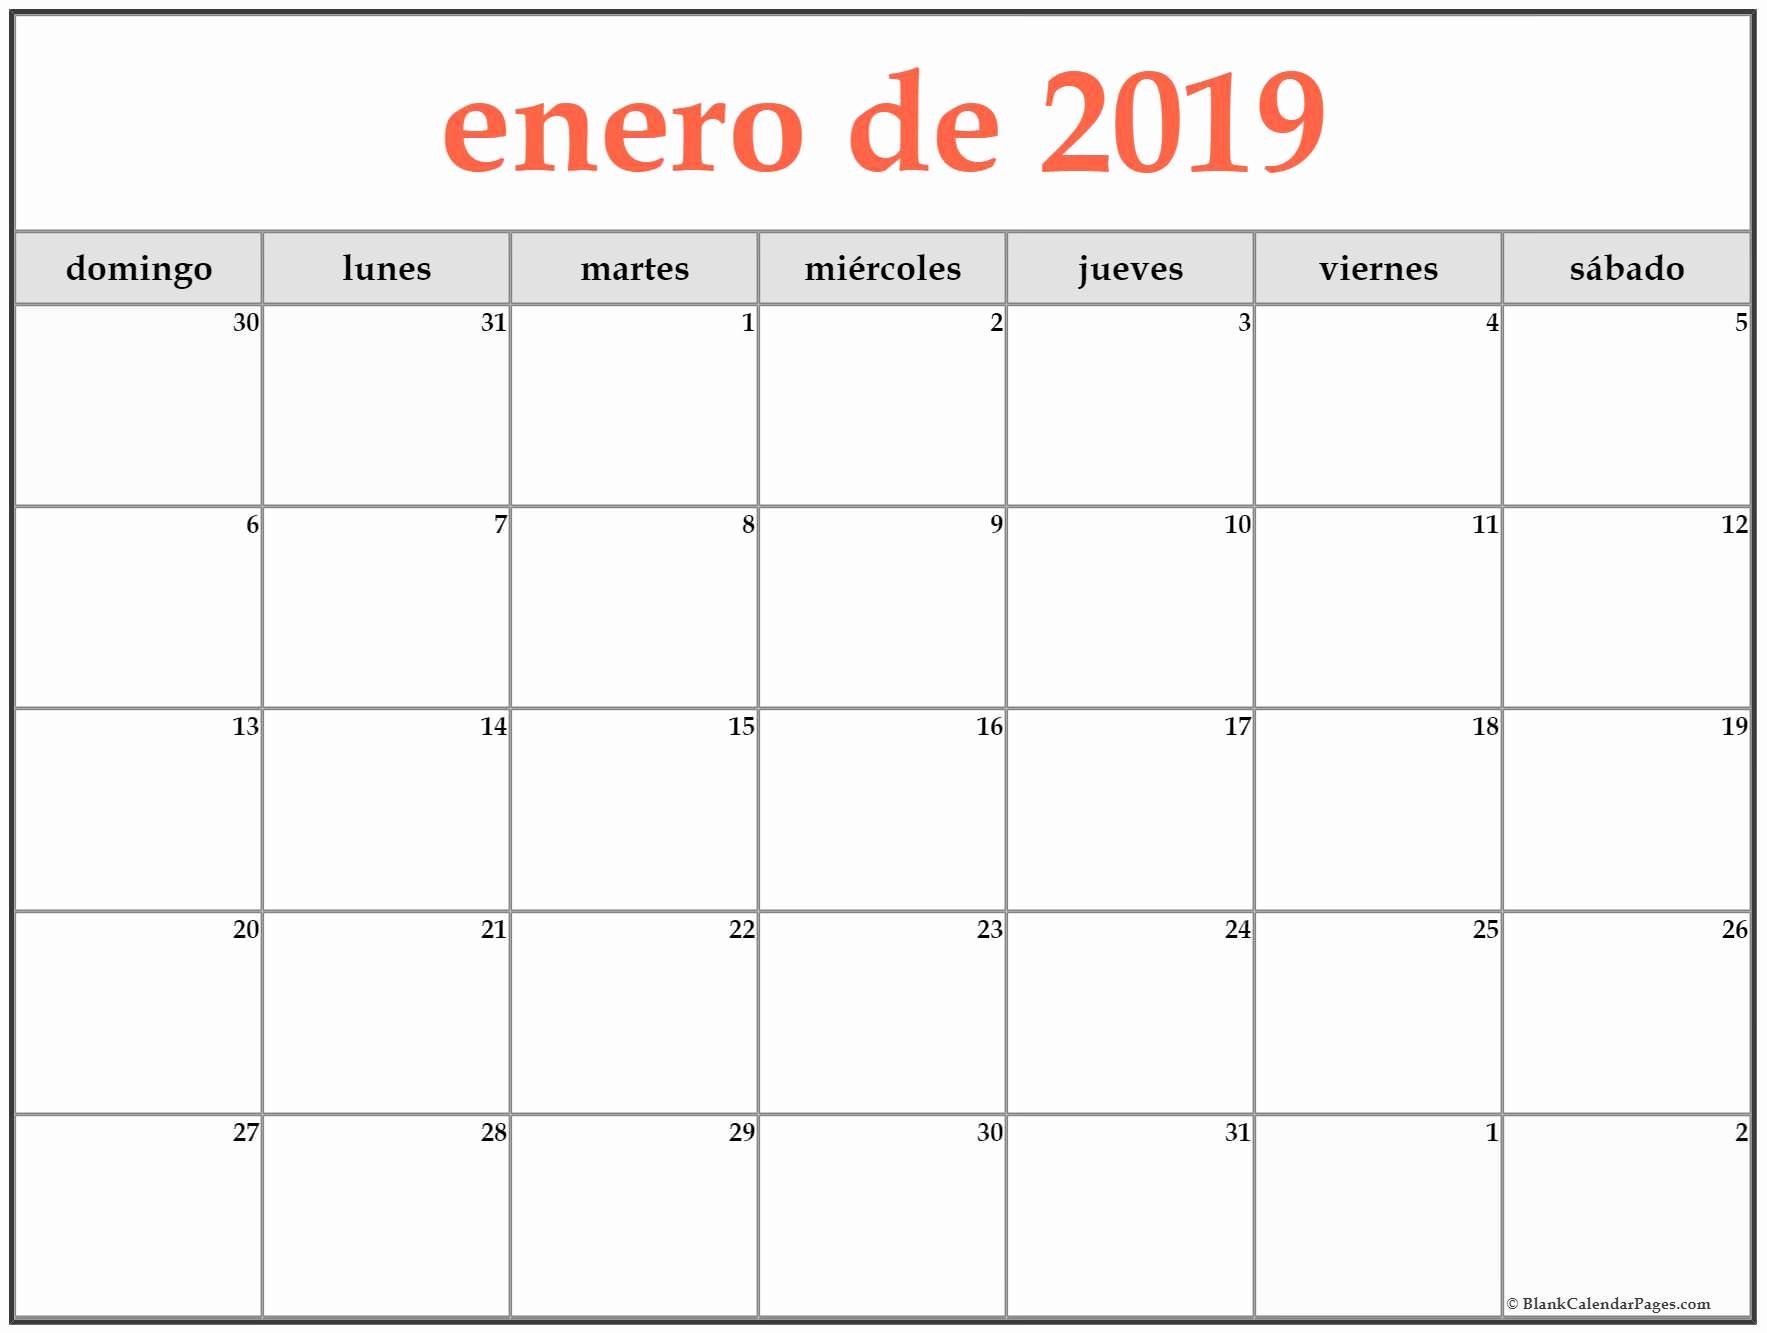 Calendario Escolar 2018 Y 2019 Sep Pdf Más Reciente Calendario Dr 2019 Enero De 2019 Calendario Gratis Calendario De Of Calendario Escolar 2018 Y 2019 Sep Pdf Más Reciente Fresh 44 Ejemplos Calendario De Las 13 Lunas 2019